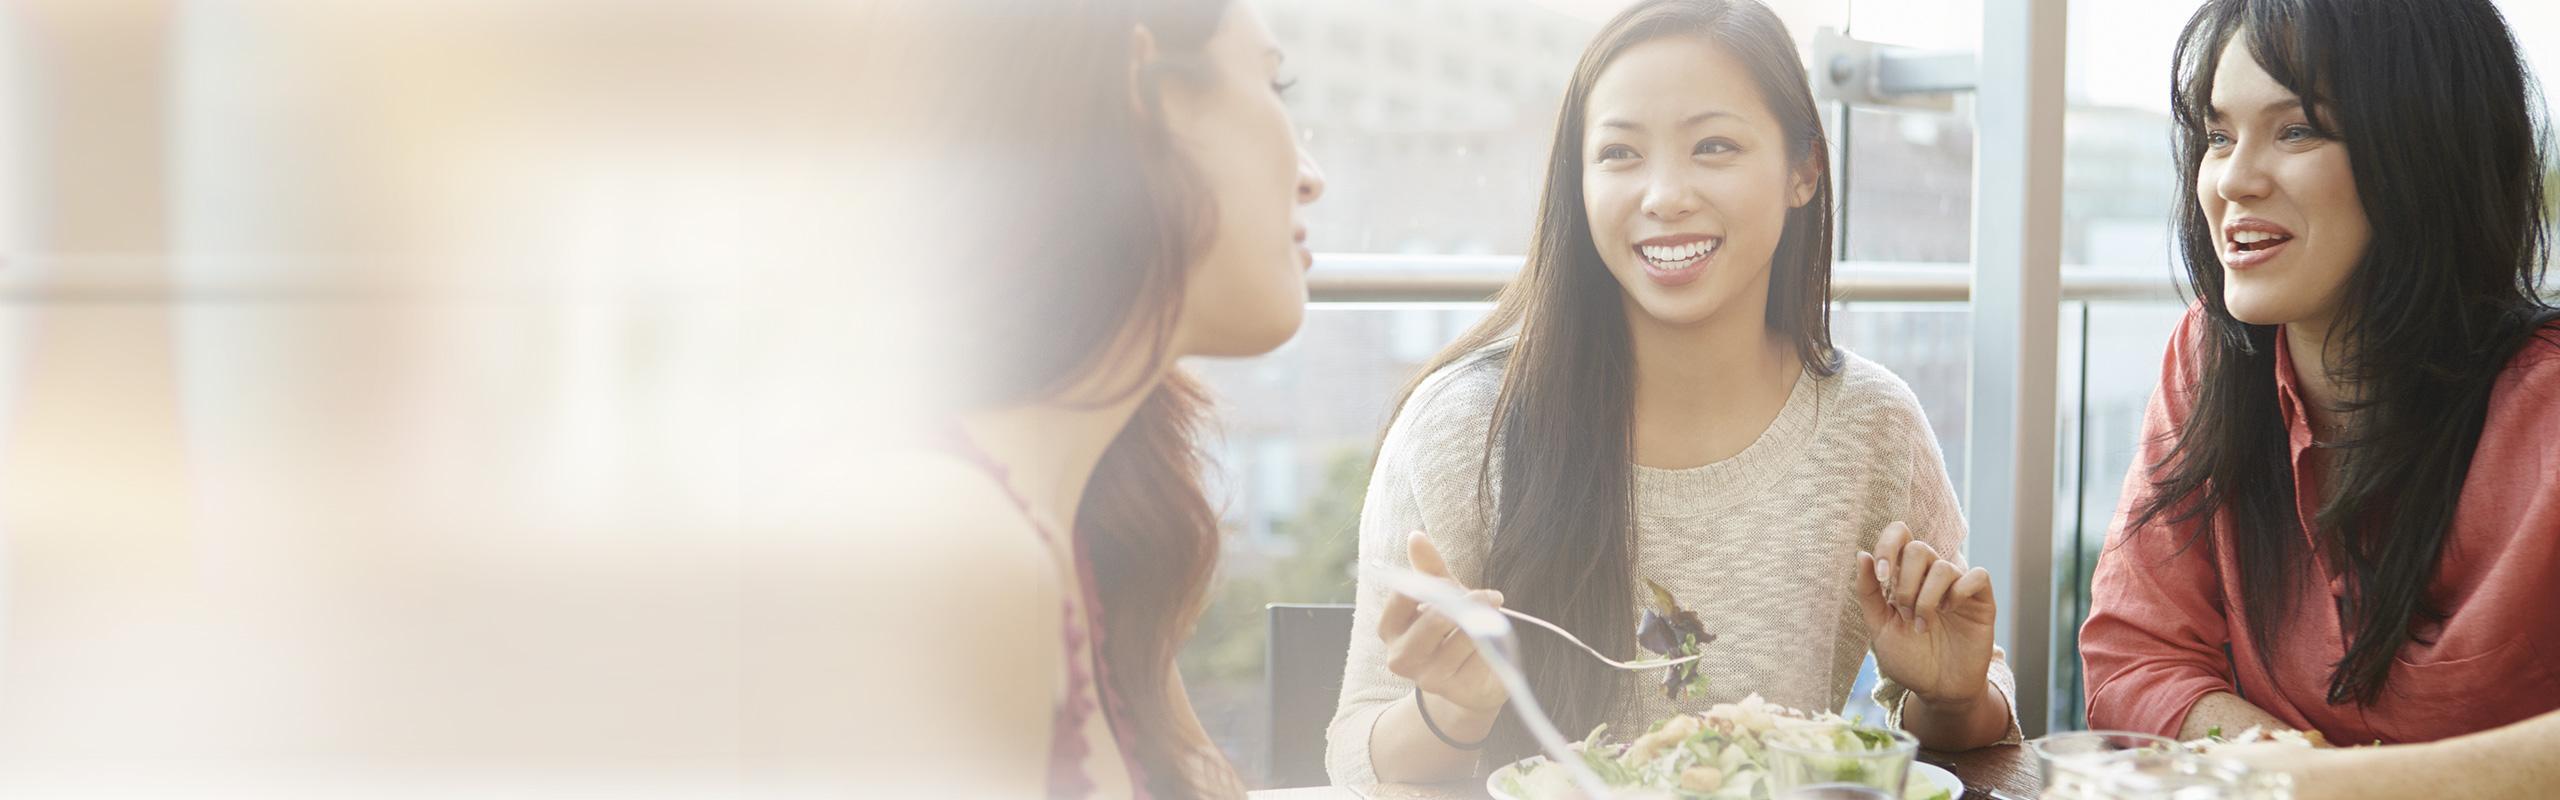 BRITA Wasserspender Restaurants Freunde beim Essen